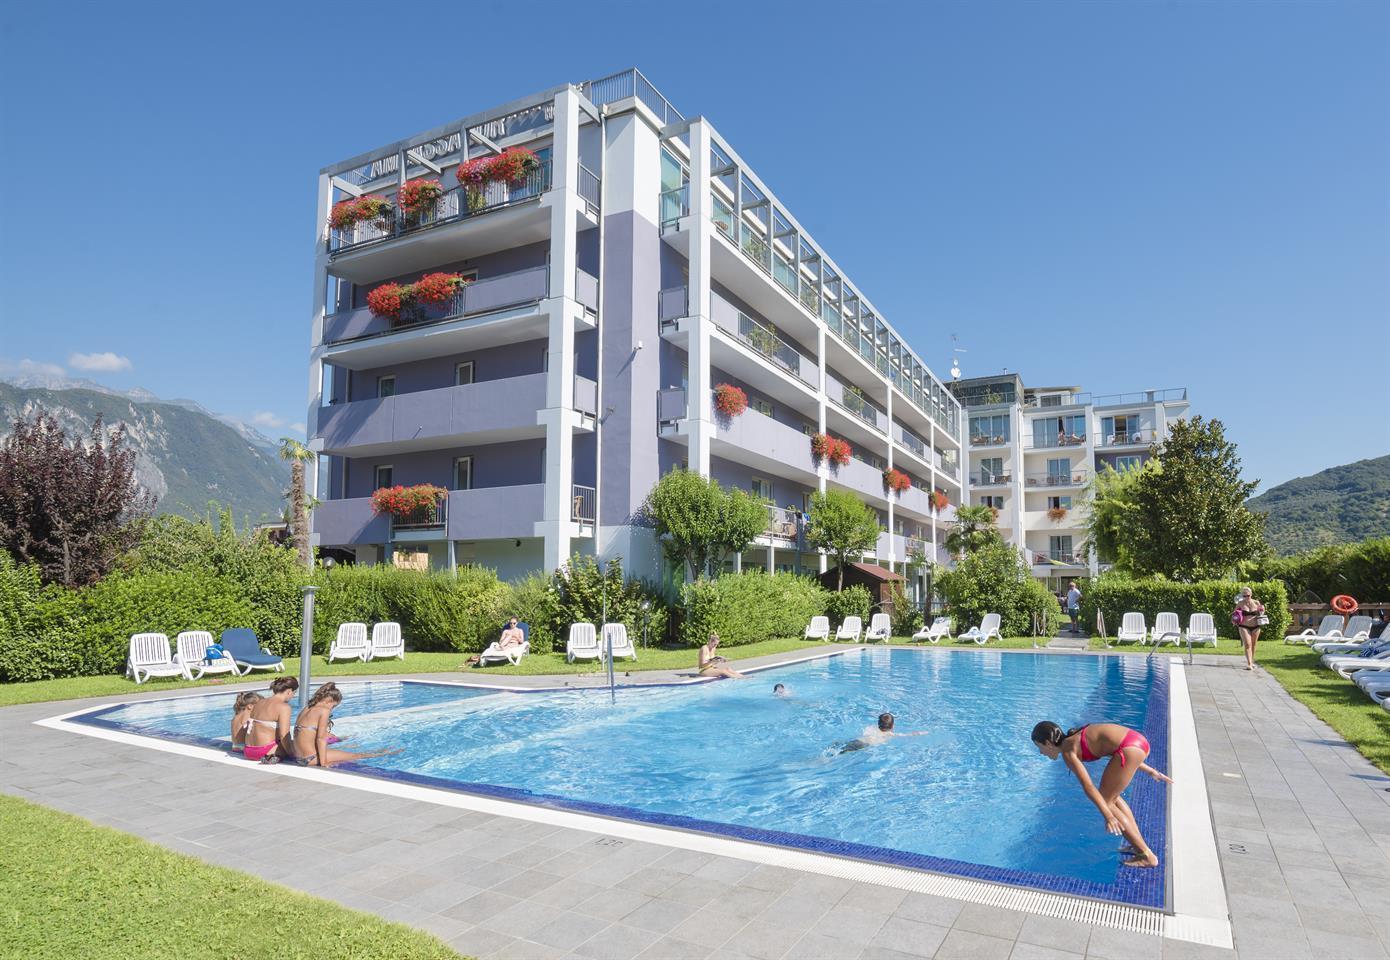 Gardasee Garni Hotel